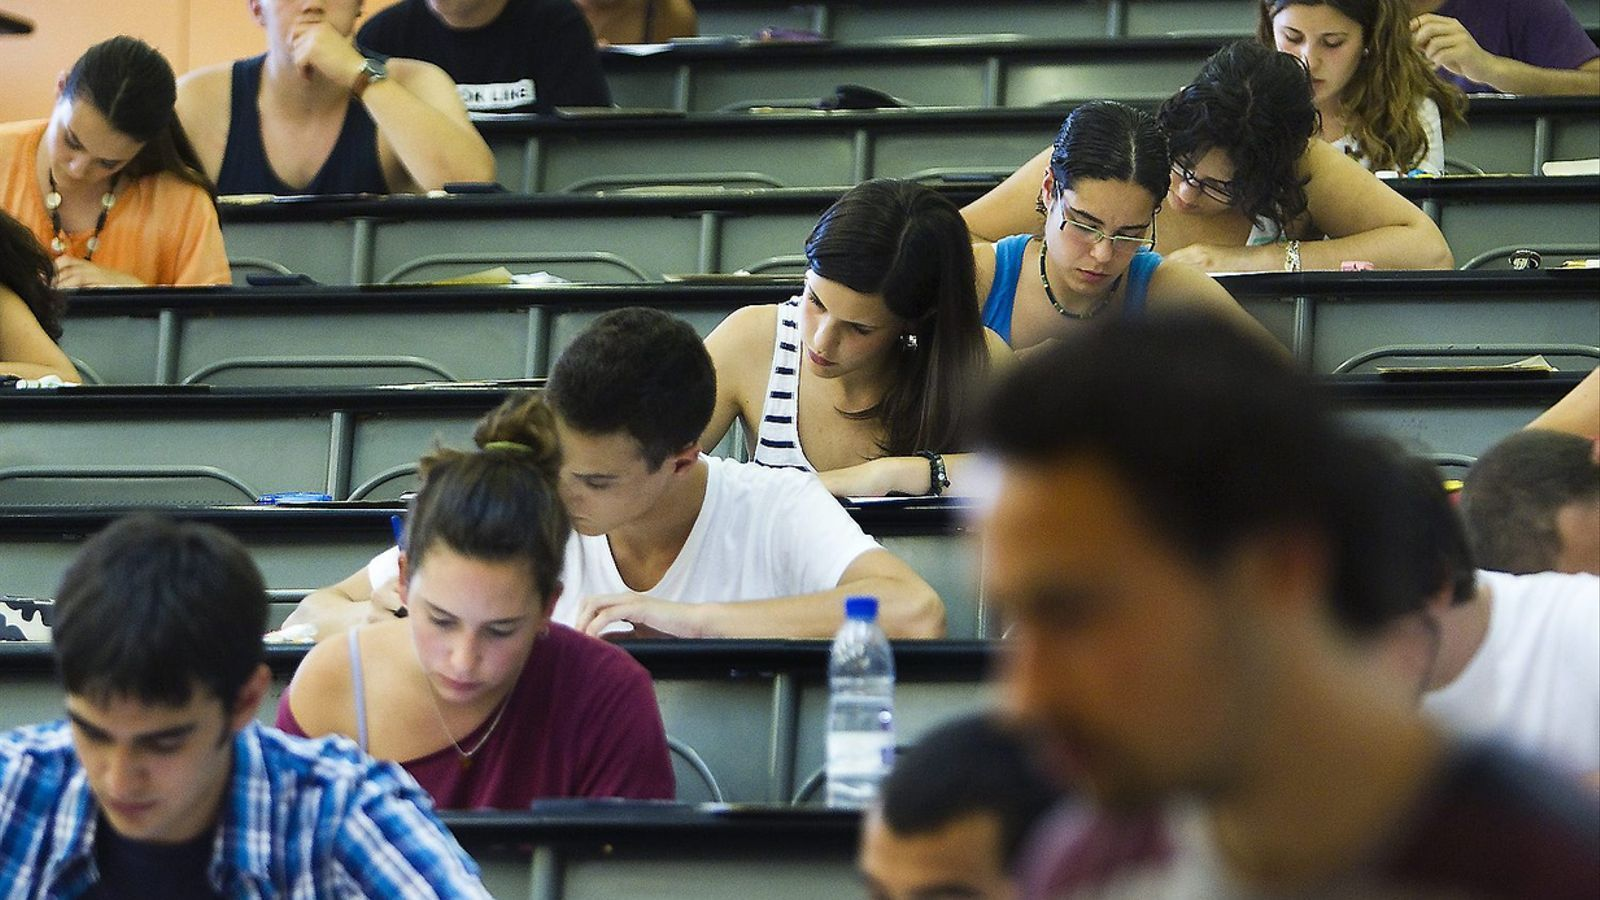 Els estudiants que volen fer educació han de treure una mitjana de cinc en català i castellà a la selectivitat. El 2016 també puntuarà més la prova de matemàtiques.